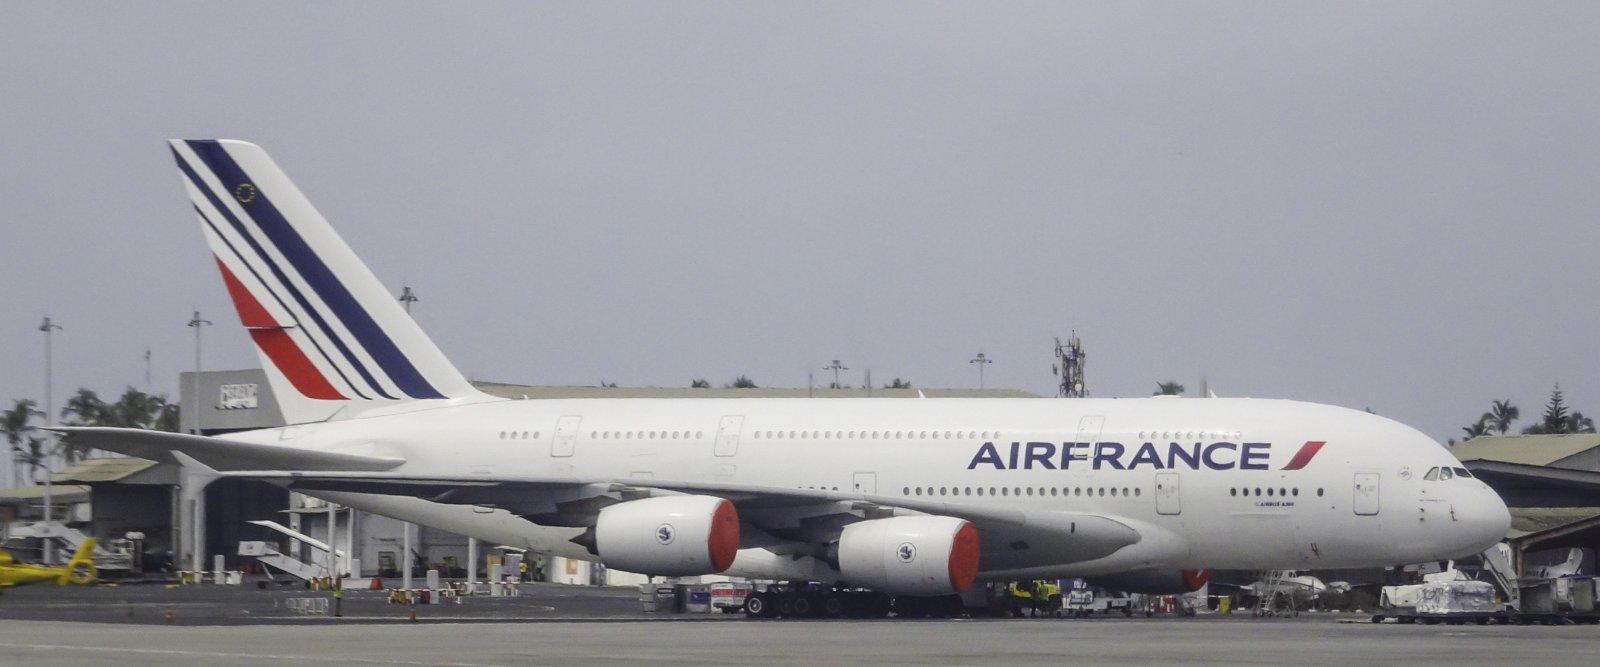 Air France Airbus 380-861 F-HPJC